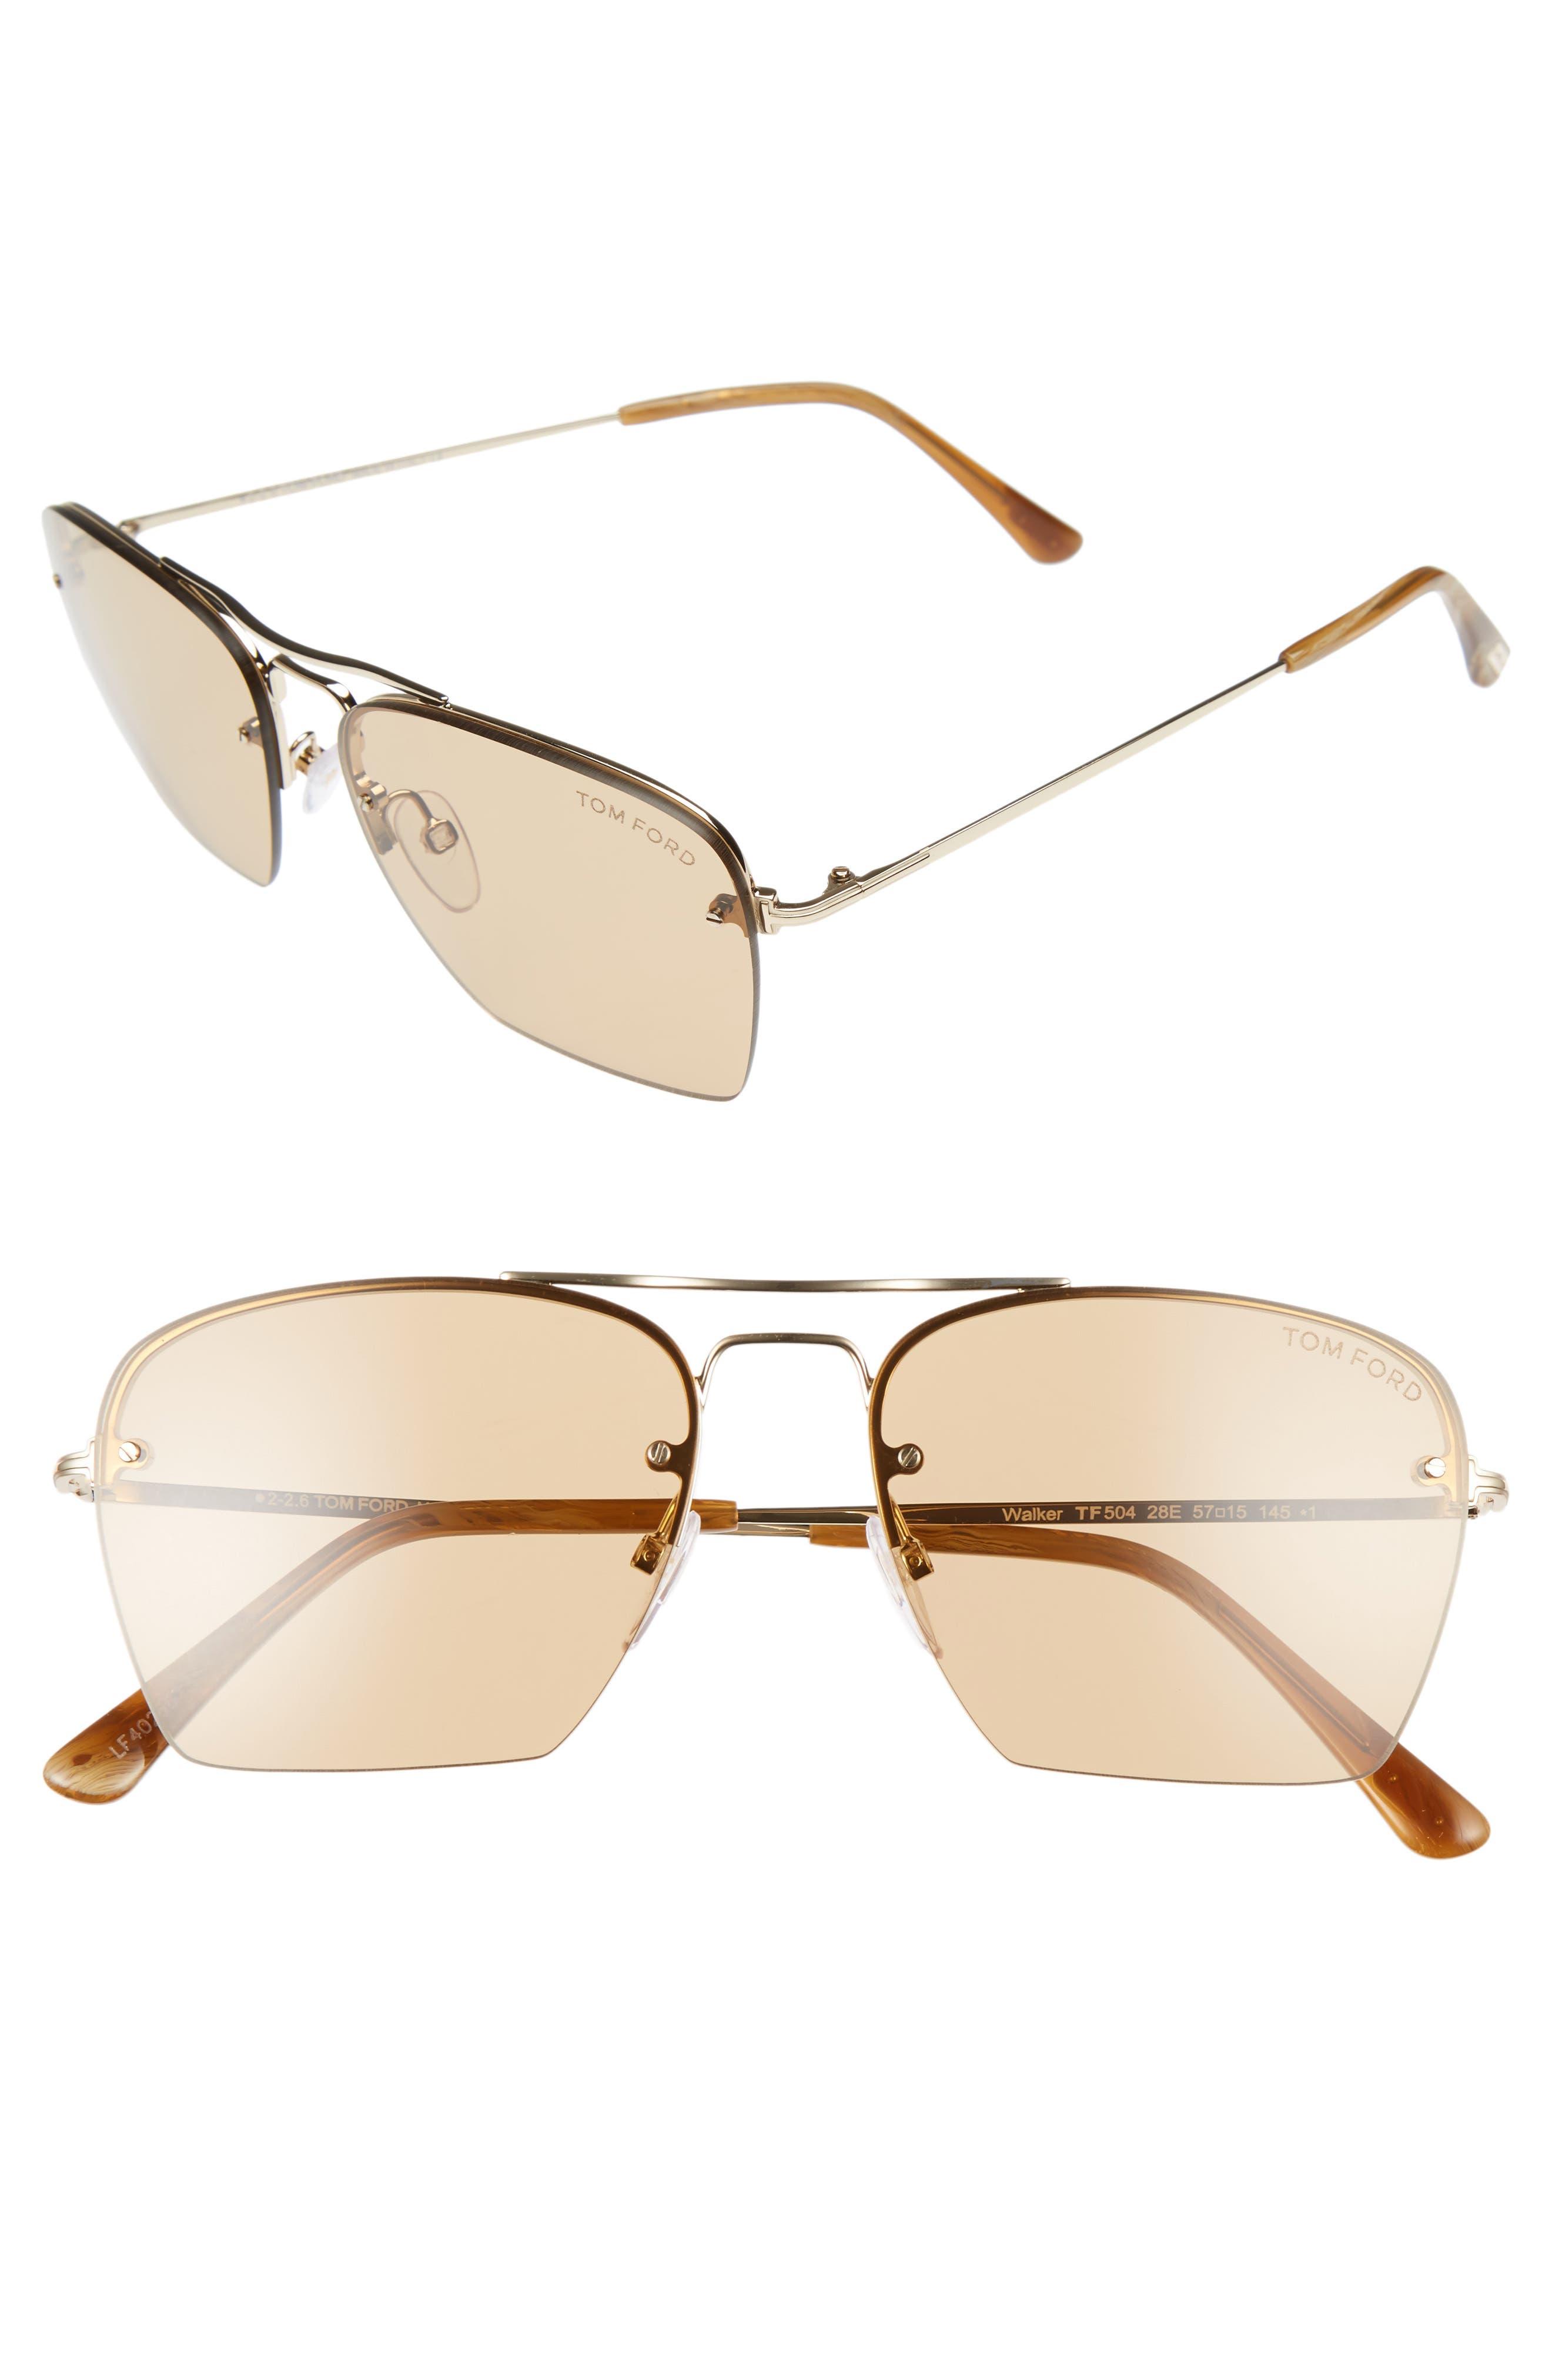 Walker 57mm Semi Rimless Square Sunglasses,                         Main,                         color, 710